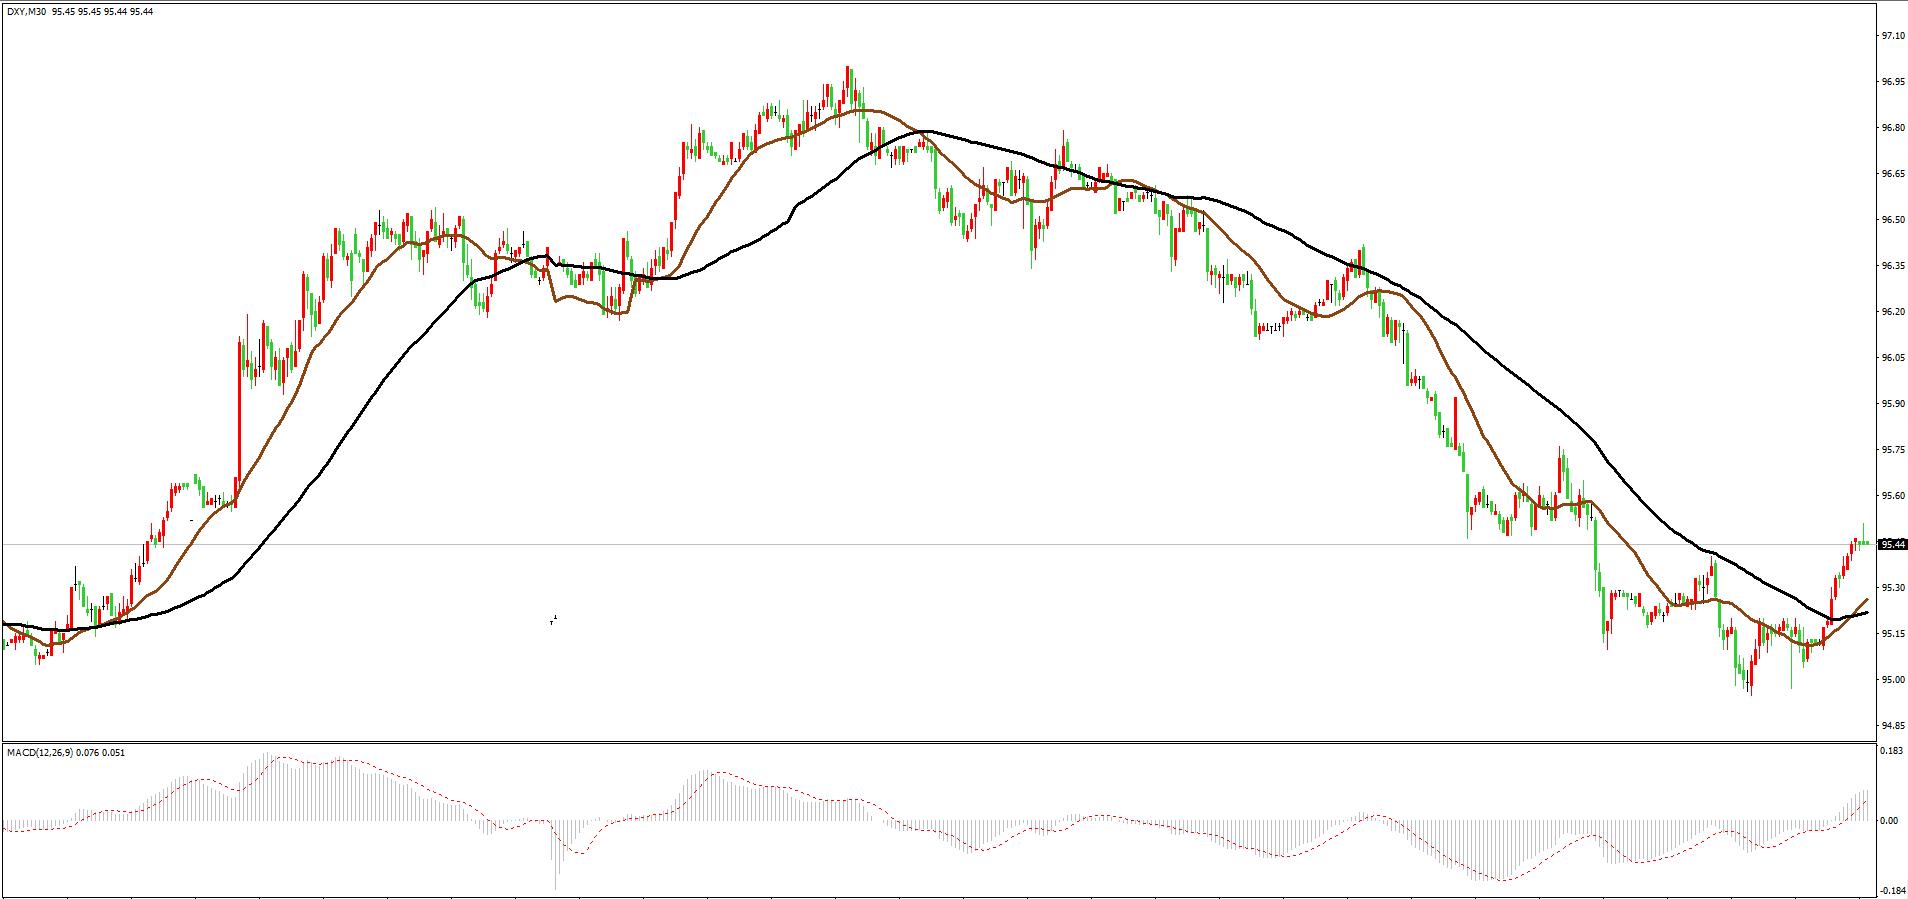 美联储暗示秋季重启货币框架讨论 黄金短期或受此支撑止跌上行